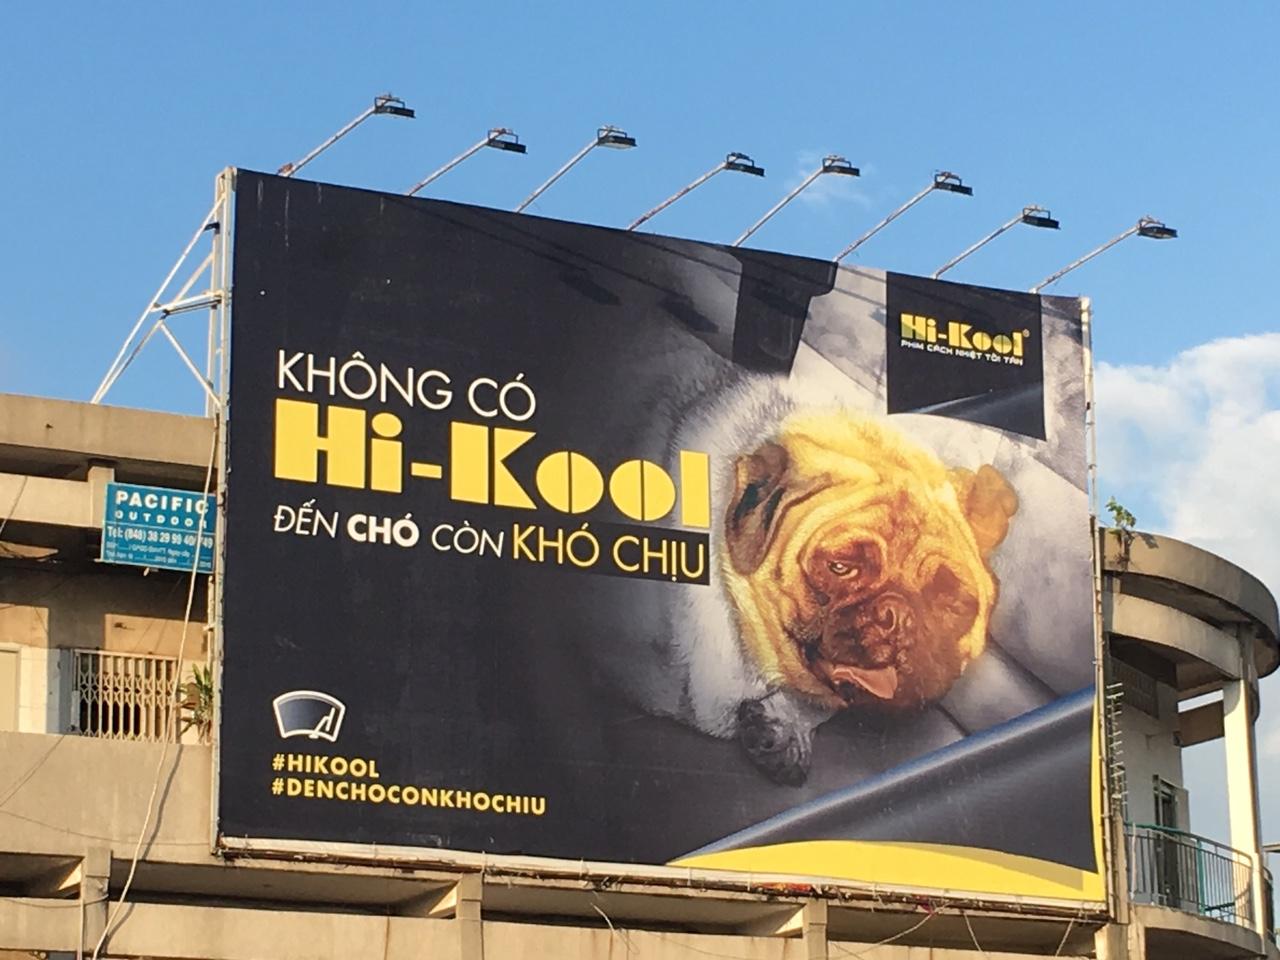 """Chiến dịch quảng bá """"chất như nước cất"""" của Hi-kool - Ảnh 1."""